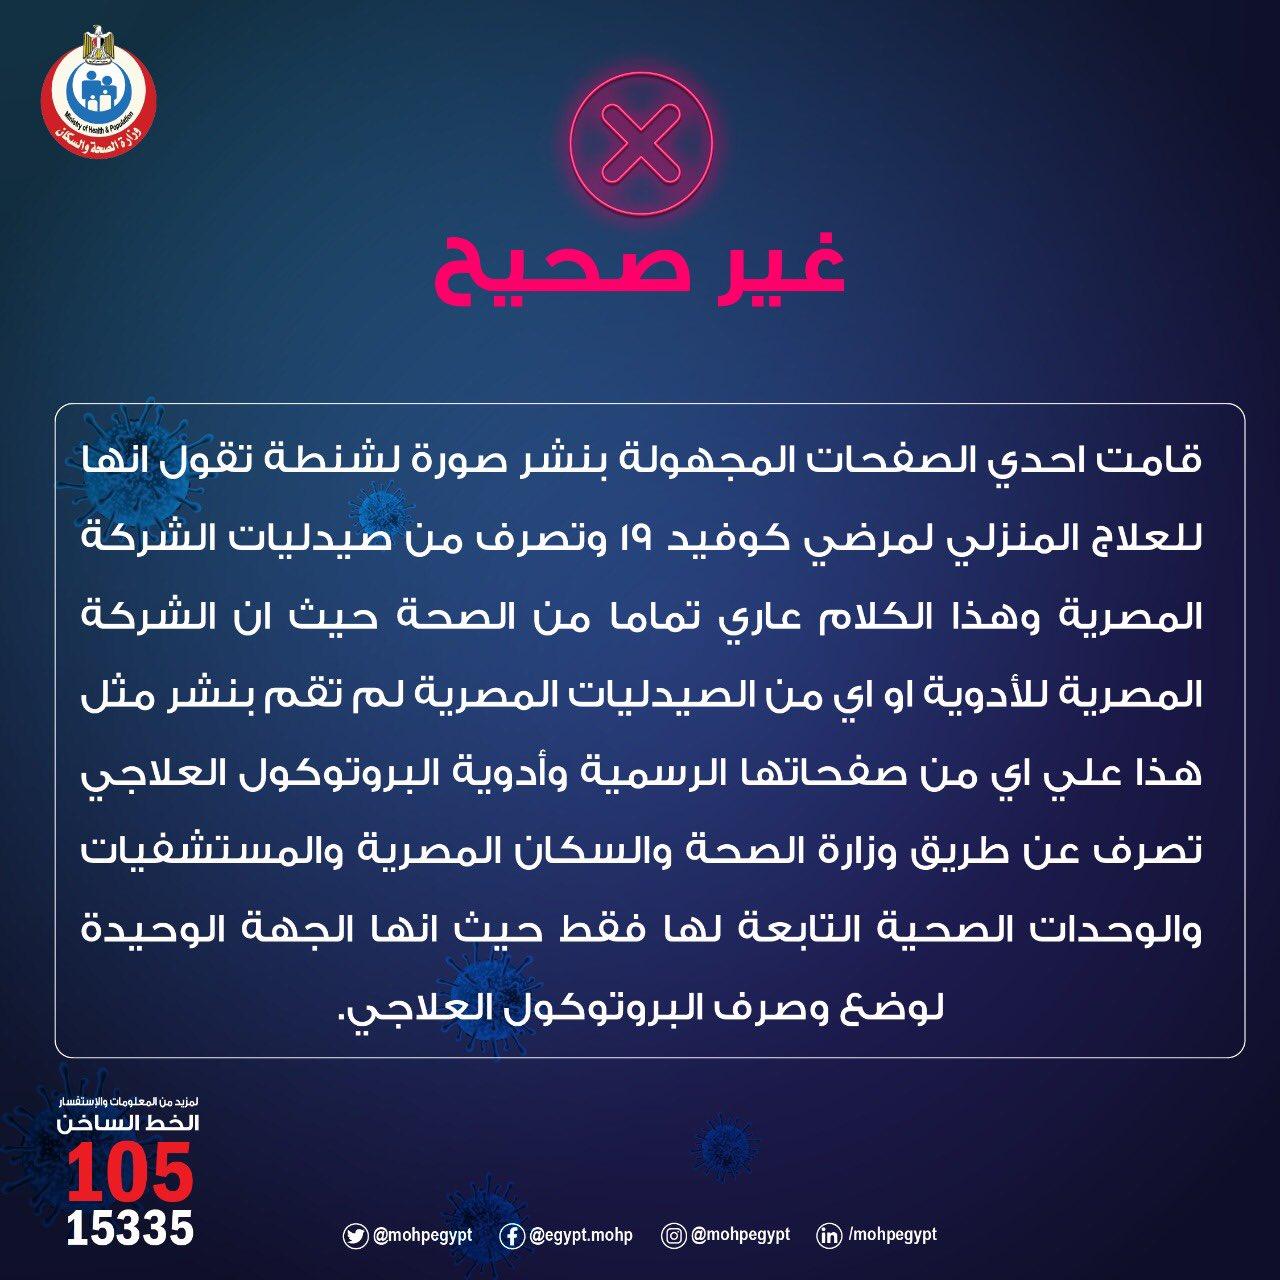 تحذير وزارة الصحة والسكان